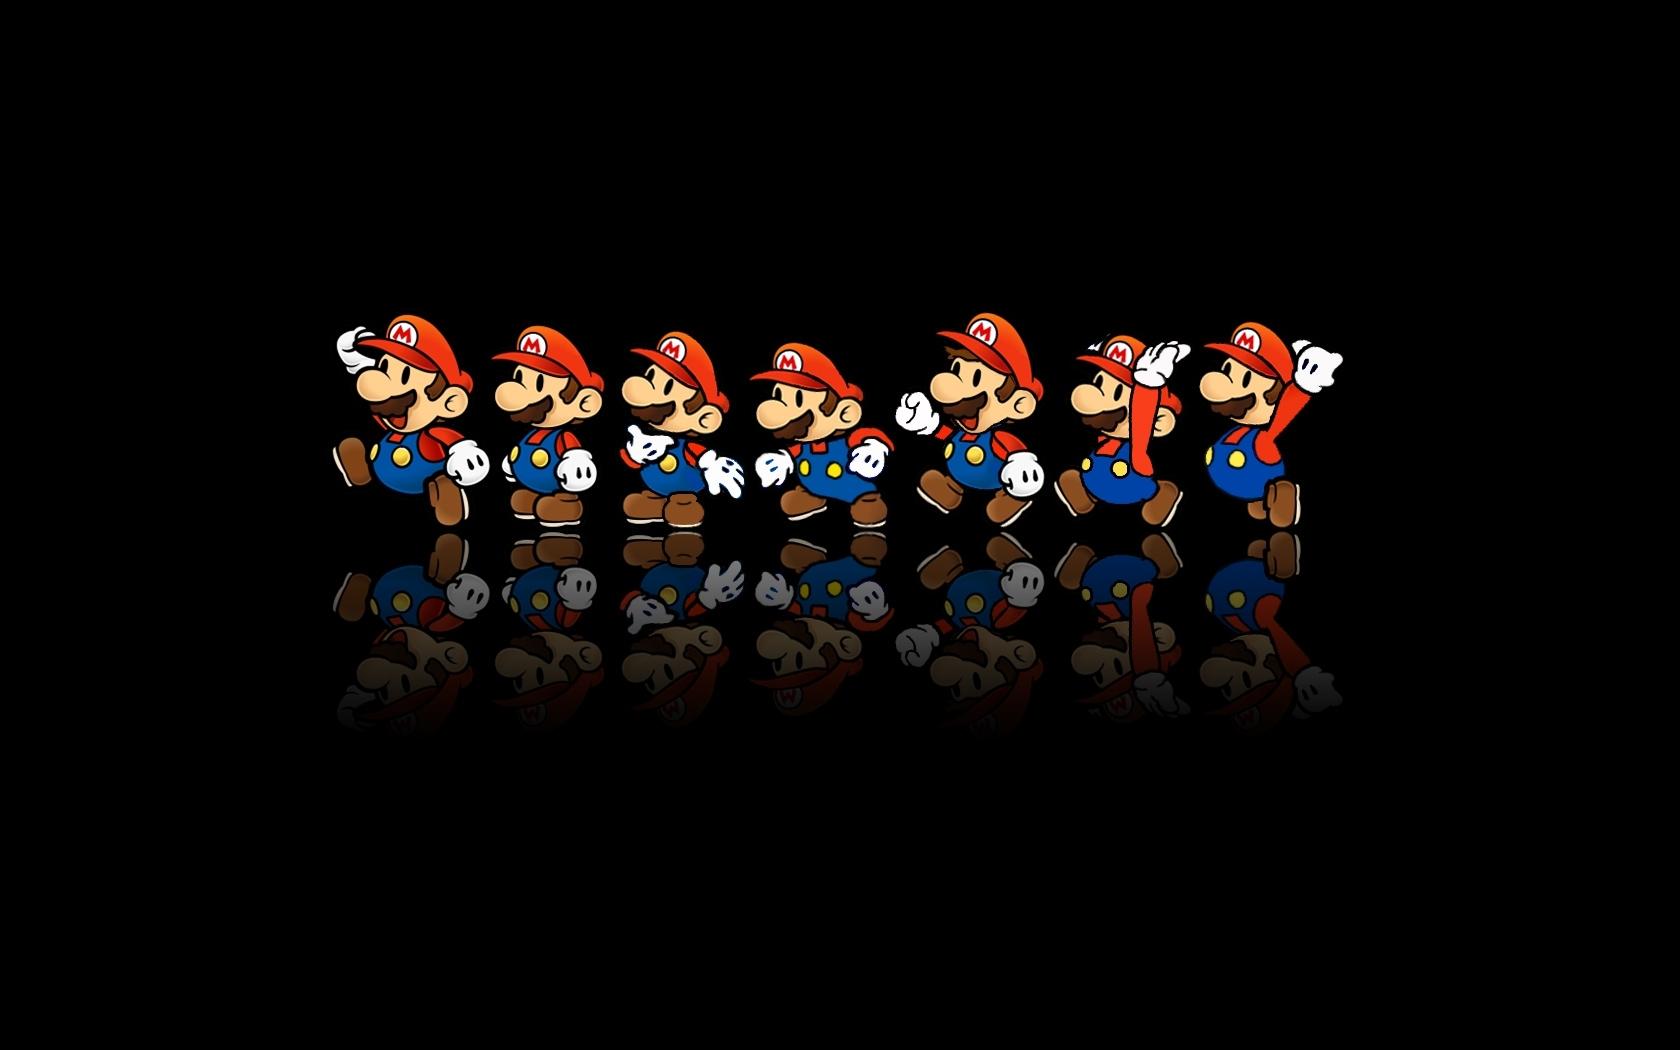 Super Paper Mario Images Super Paper Mario Hd Wallpaper And